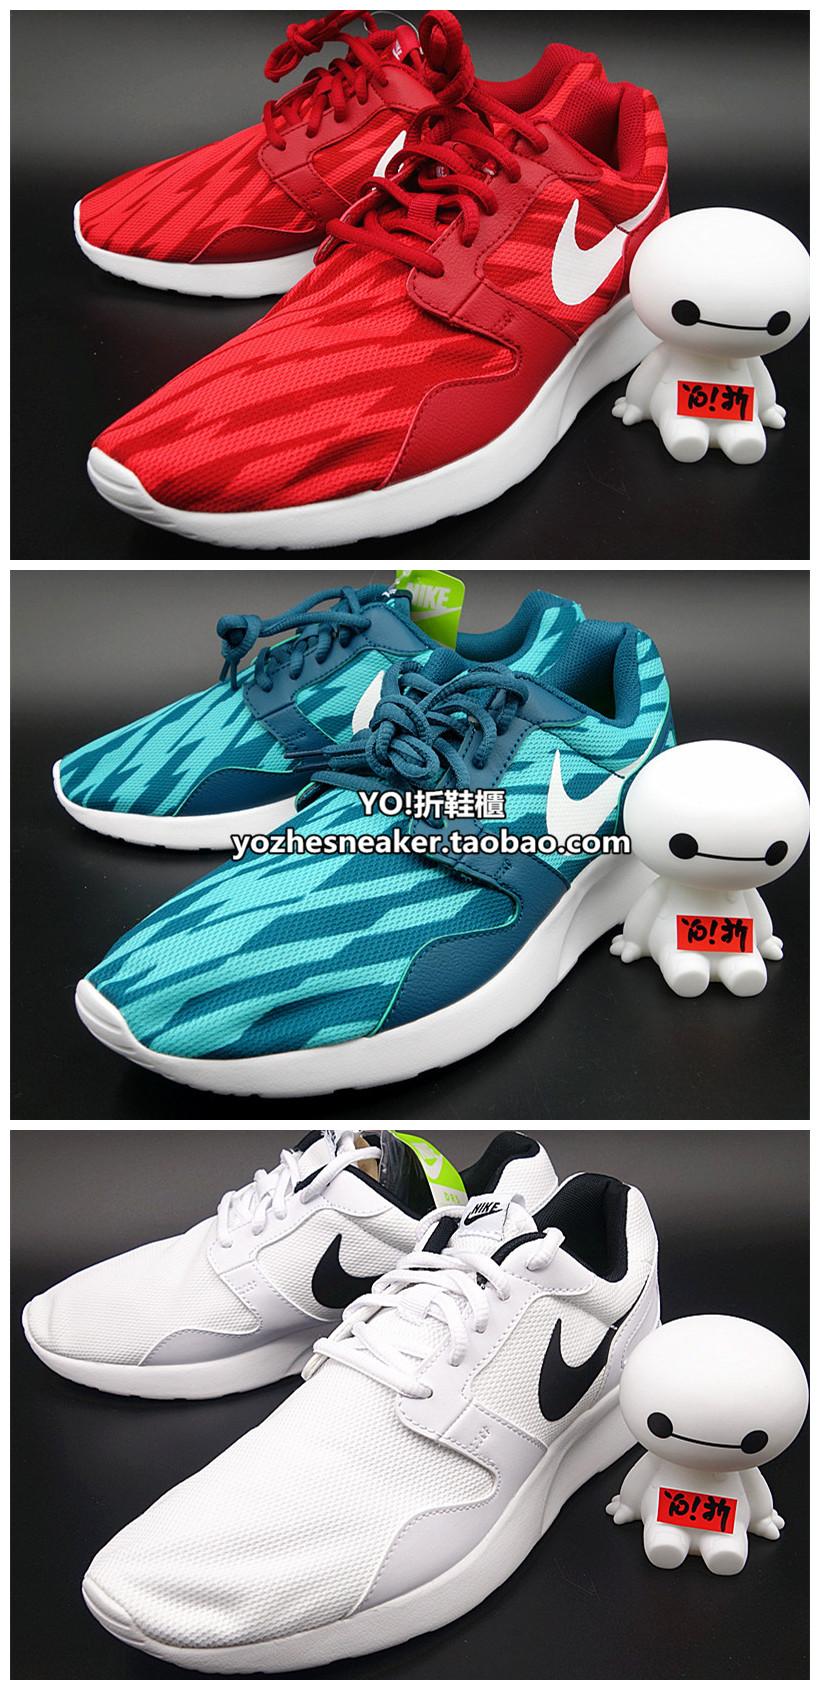 Кроссовки Nike  YO! KAISHI PRINT 654473-100 705450-610/310